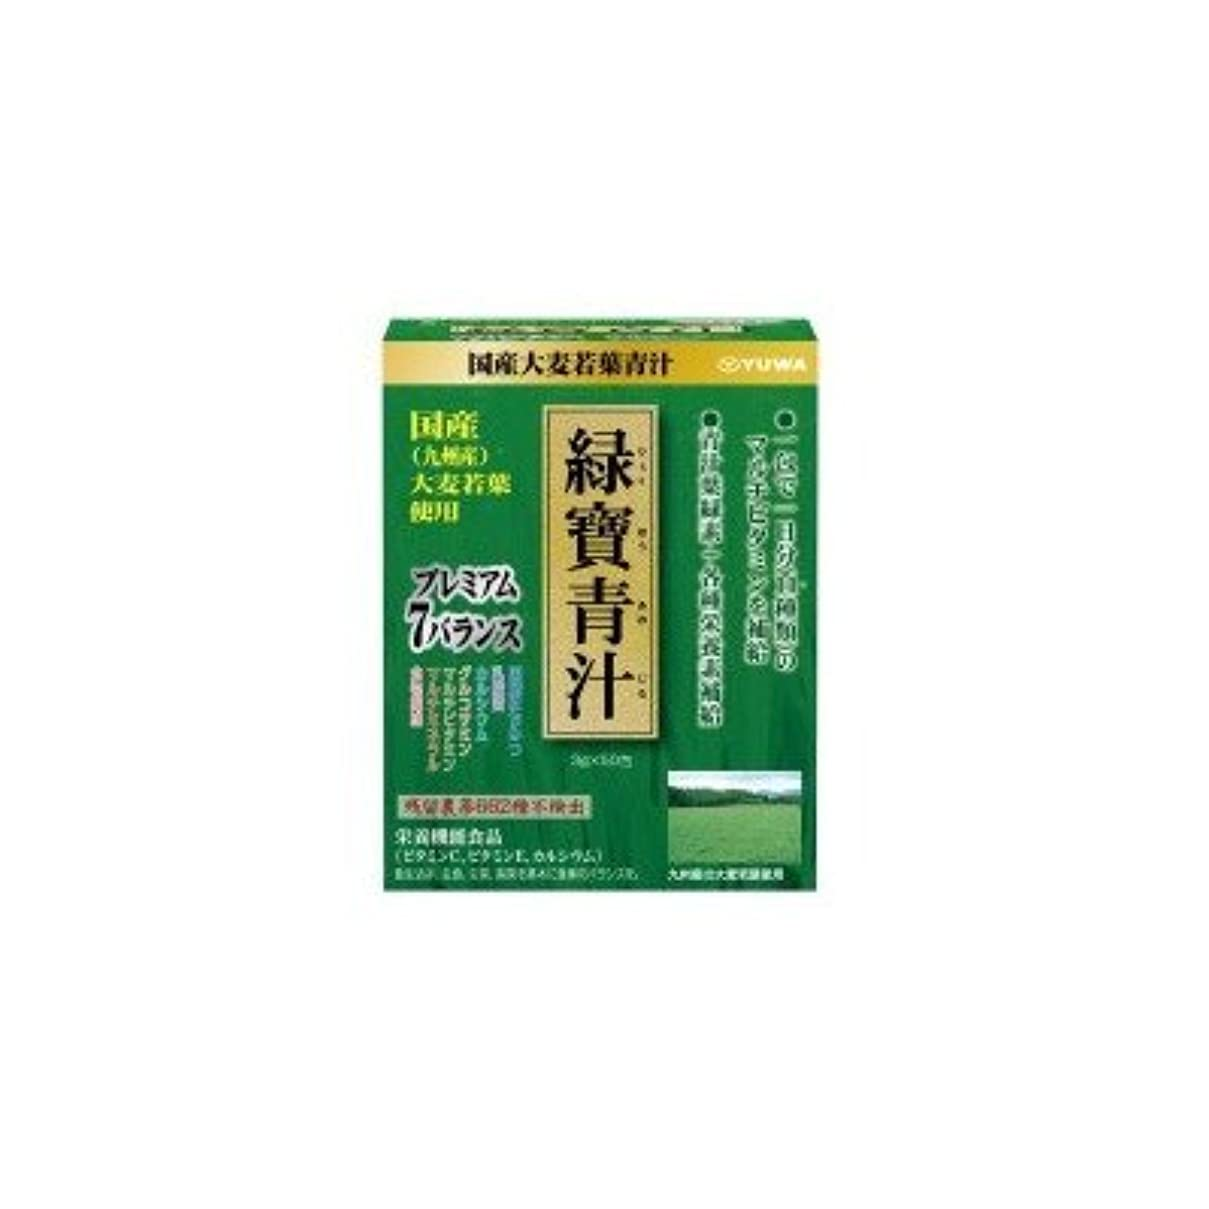 抑圧する政令飛行機ユーワ 九州産大麦若葉使用 緑寶青汁 150g(3g×50包) 2865